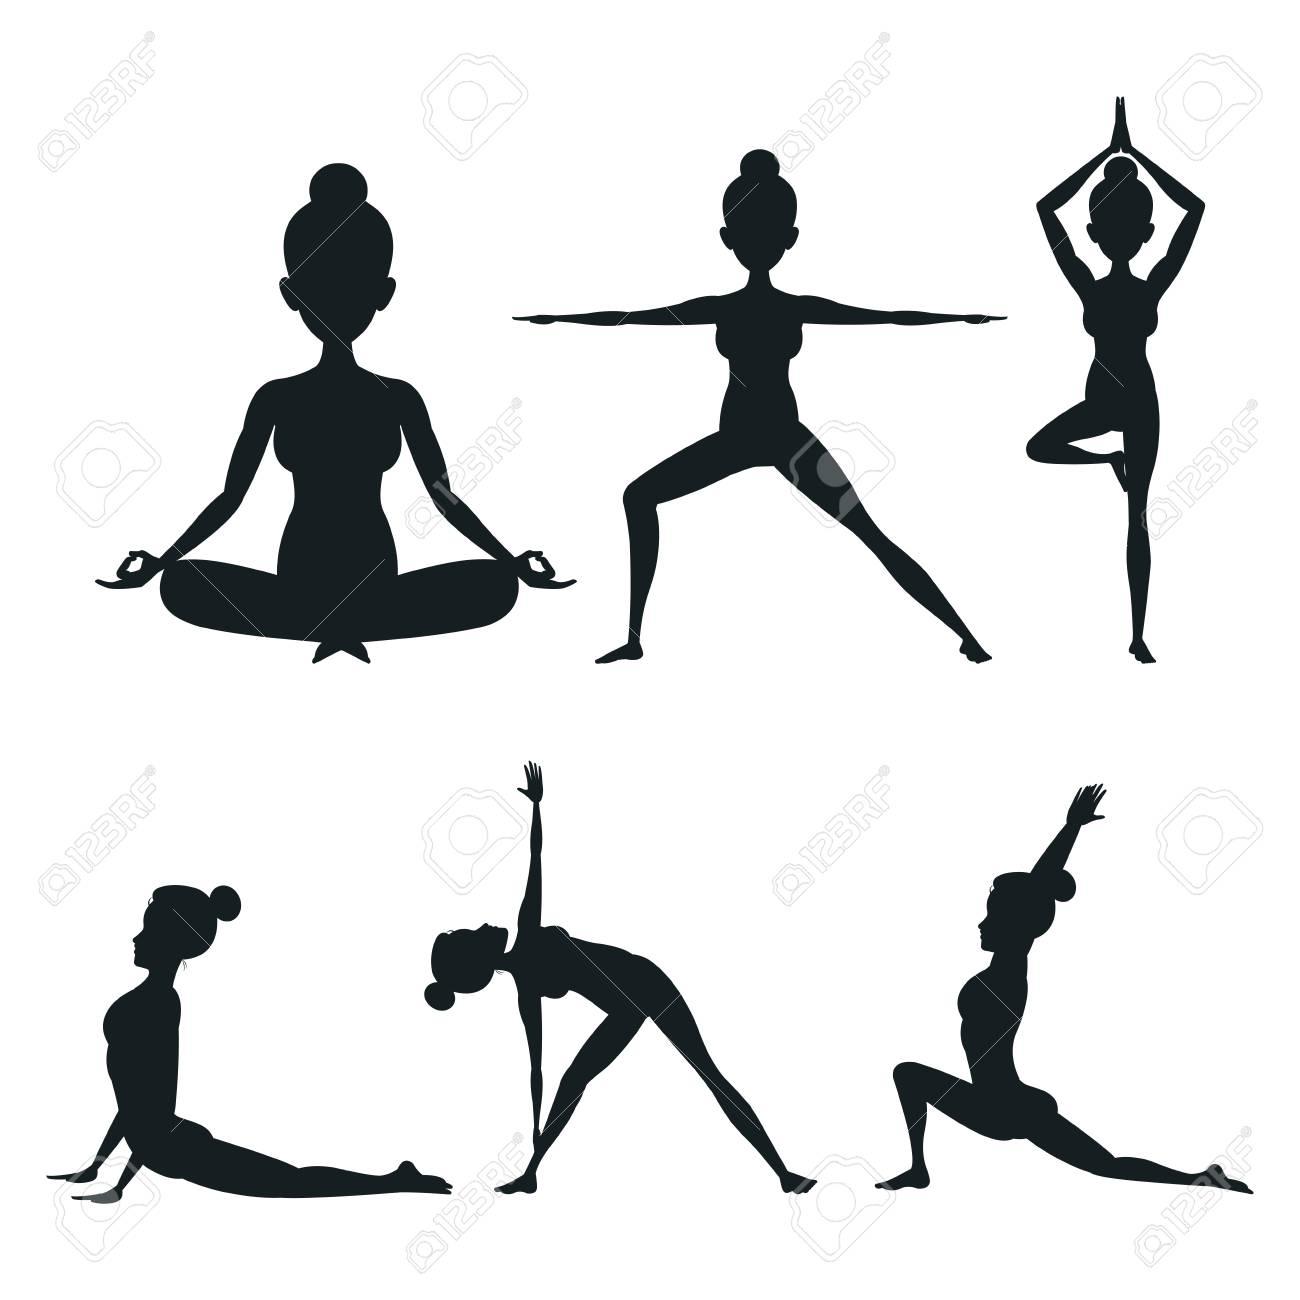 Establecer mujer diferente postura yoga vector ilustración eps 10 Foto de  archivo - 76487367 7edbace64510